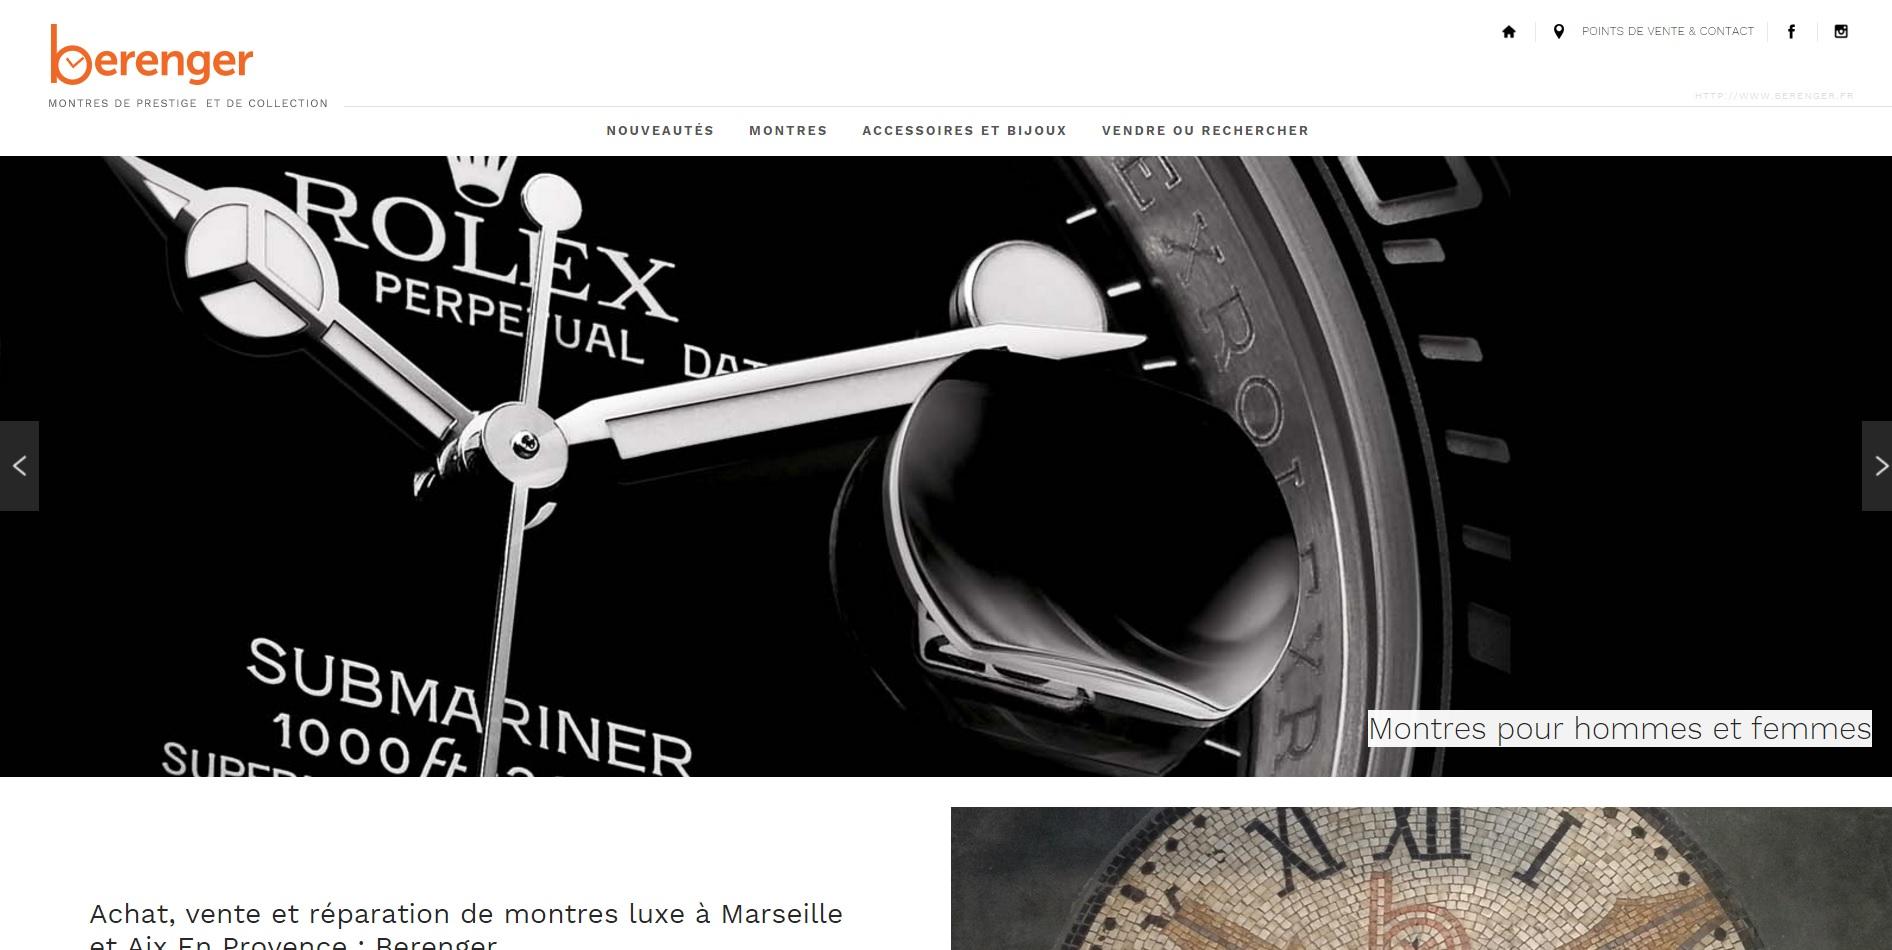 5b4f0fc43a3e Agence web Jalis Marseille   Vente de montres de luxe d occasion à  Marseille et Aix-en-Provence - Berenger